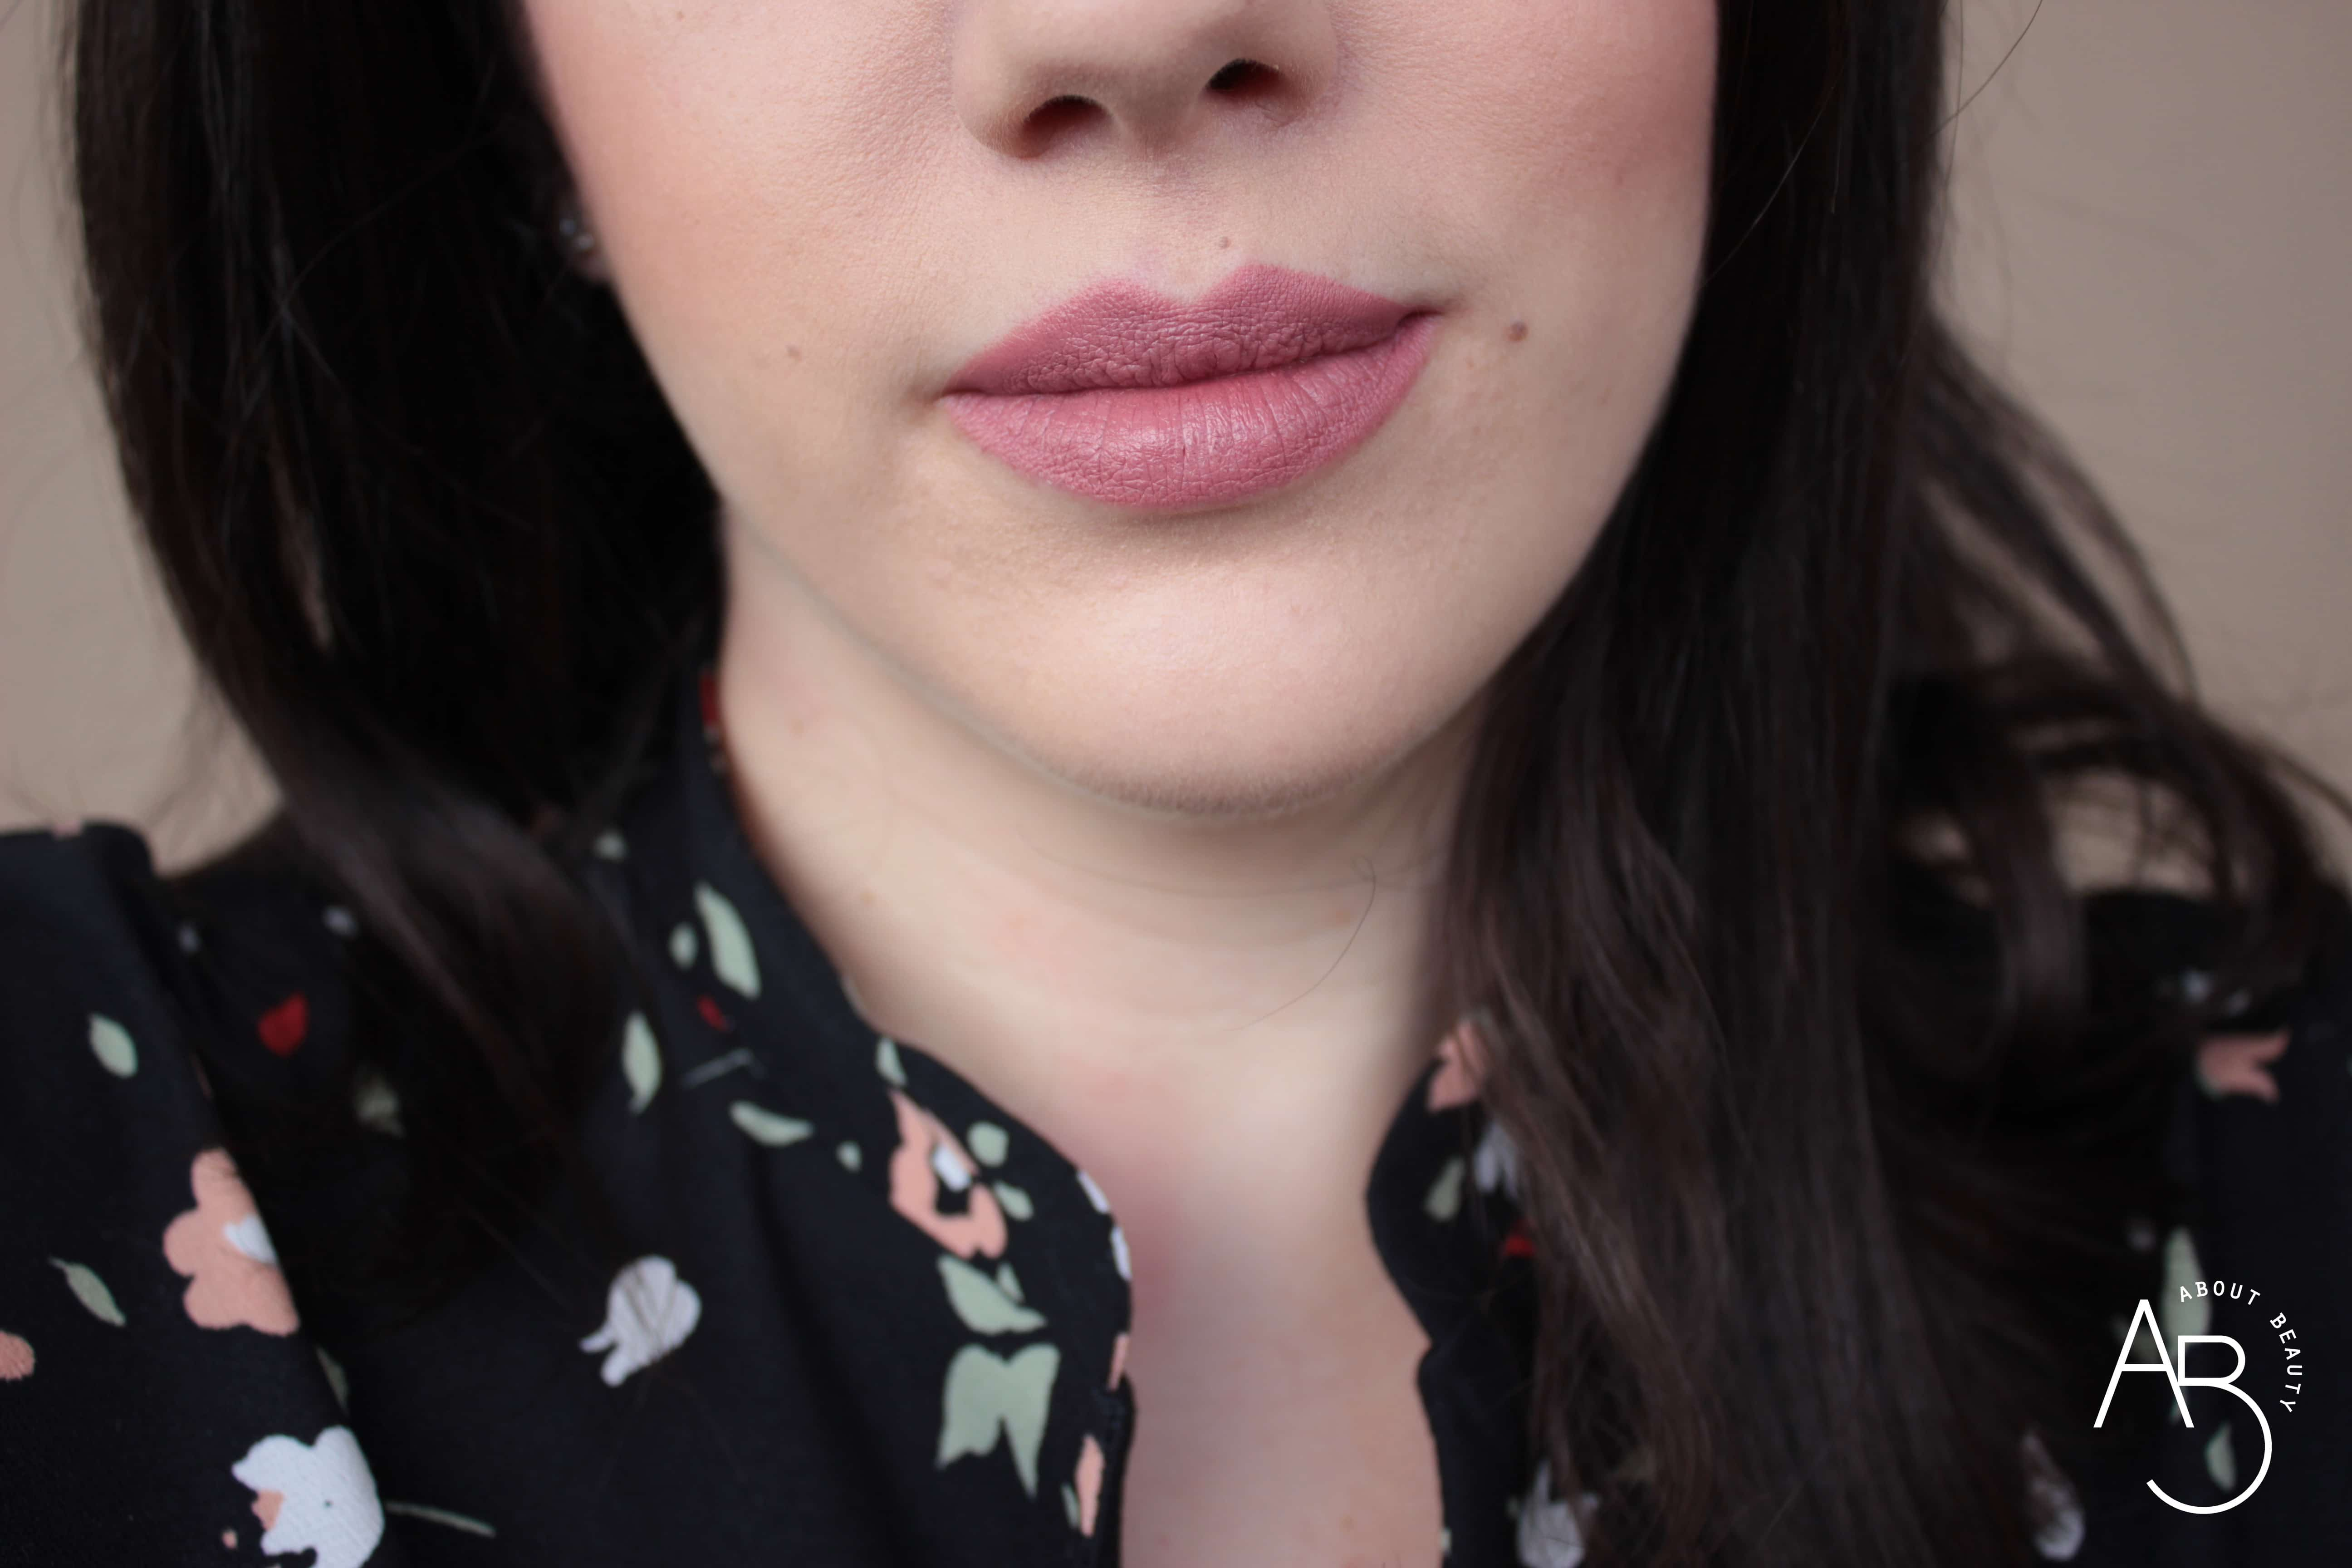 Nuovi rossetti newDElicious Dessert a Levres Neve Cosmetics 2019 - Info, review, recensione, opinioni, swatches, data uscita, prezzo, sconto - Pain Au Chocolat